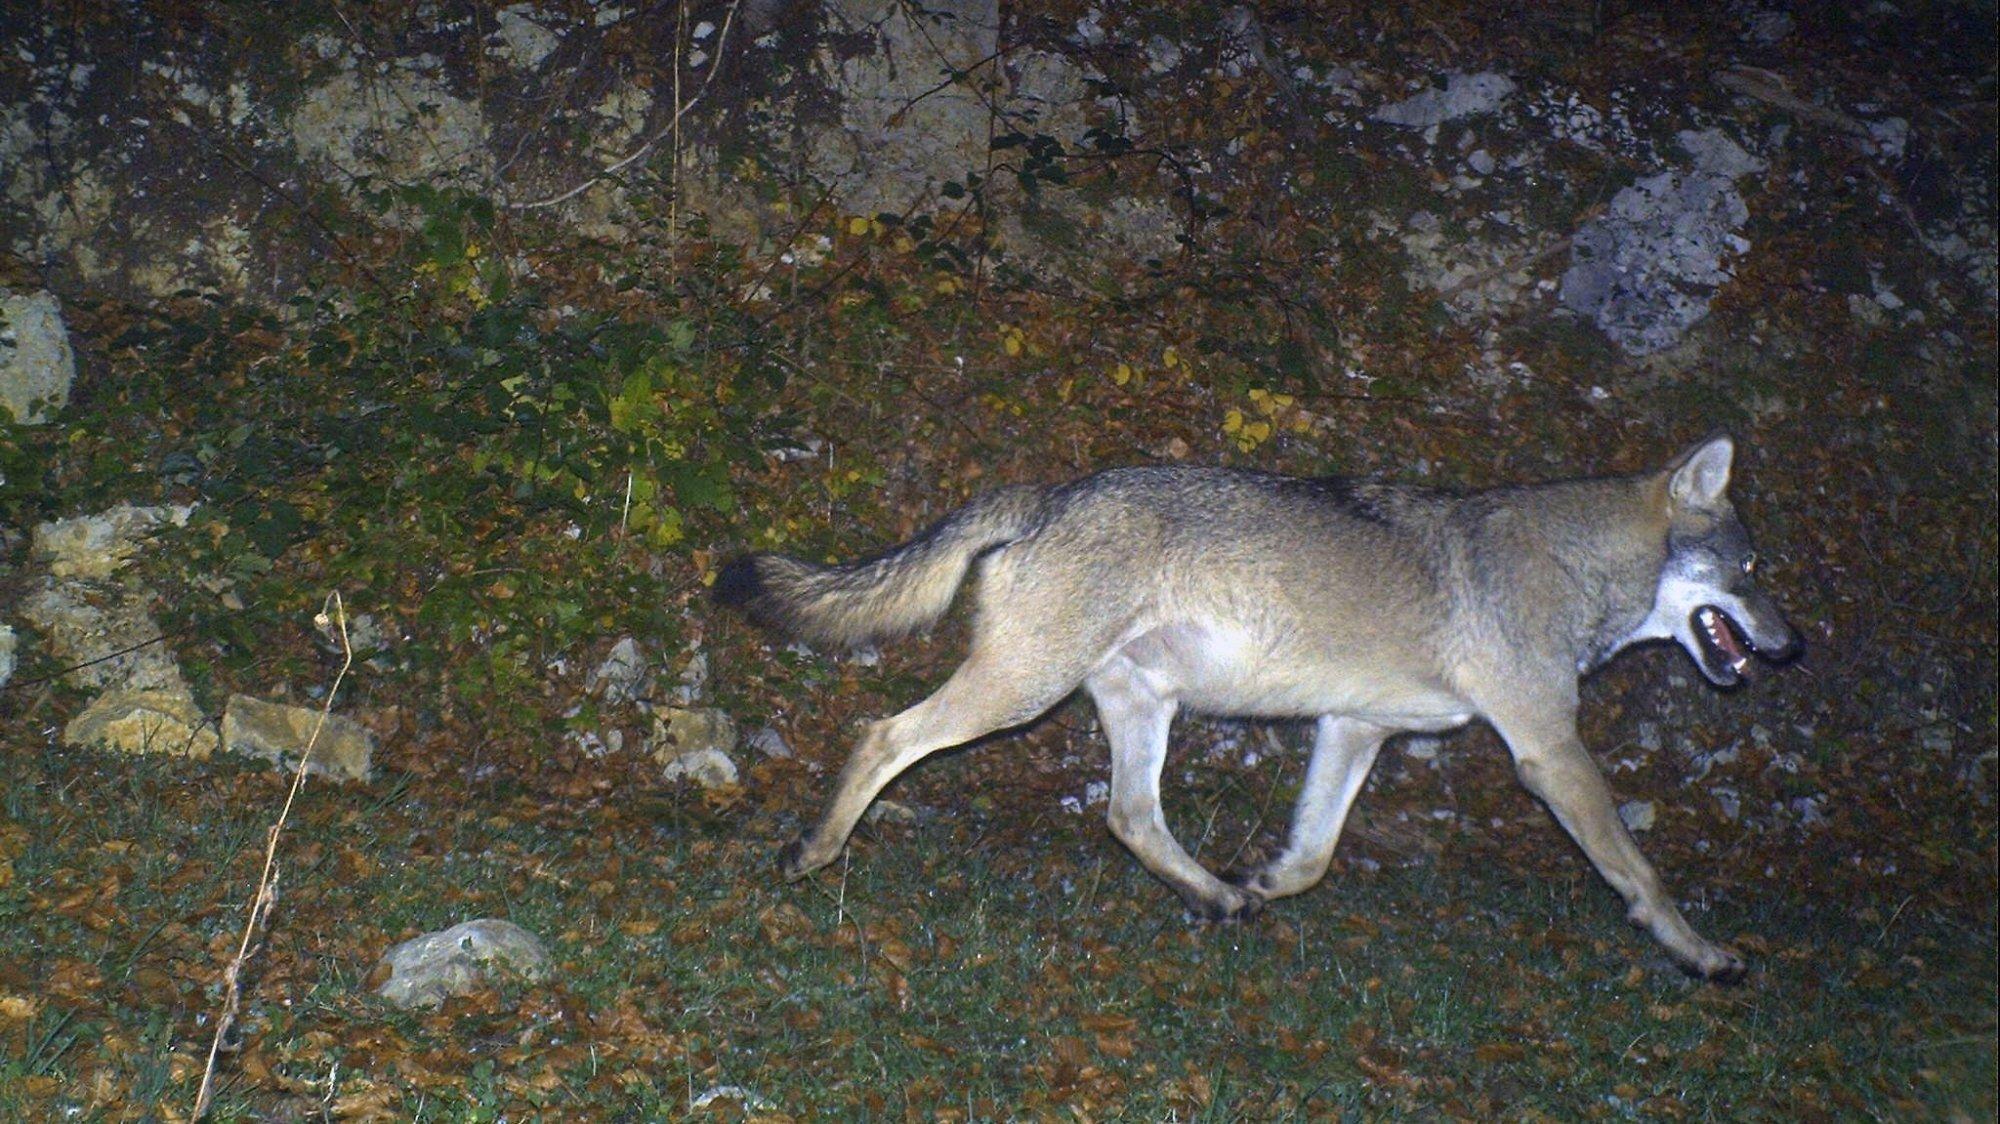 Depuis quelques années, le loup est revenu dans le Jura vaudois, notamment à la Dôle, comme sur cette photo.